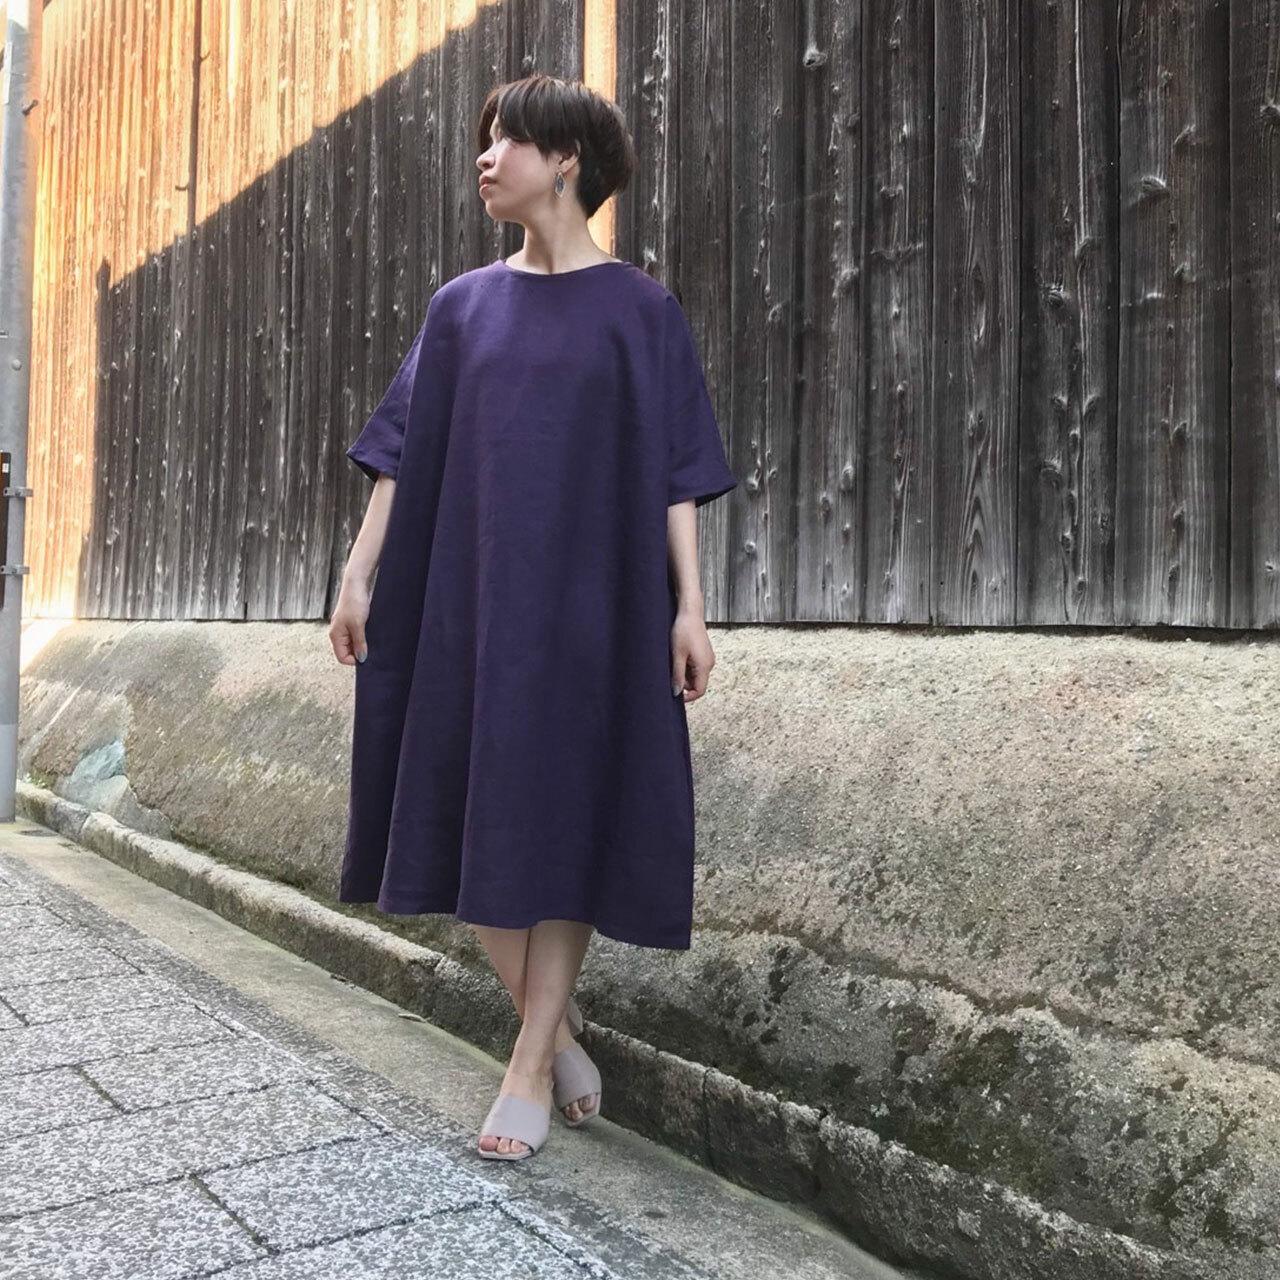 菖蒲/ayame オールシーズン使えるシンプルな麻100%ワンピース【image8787】